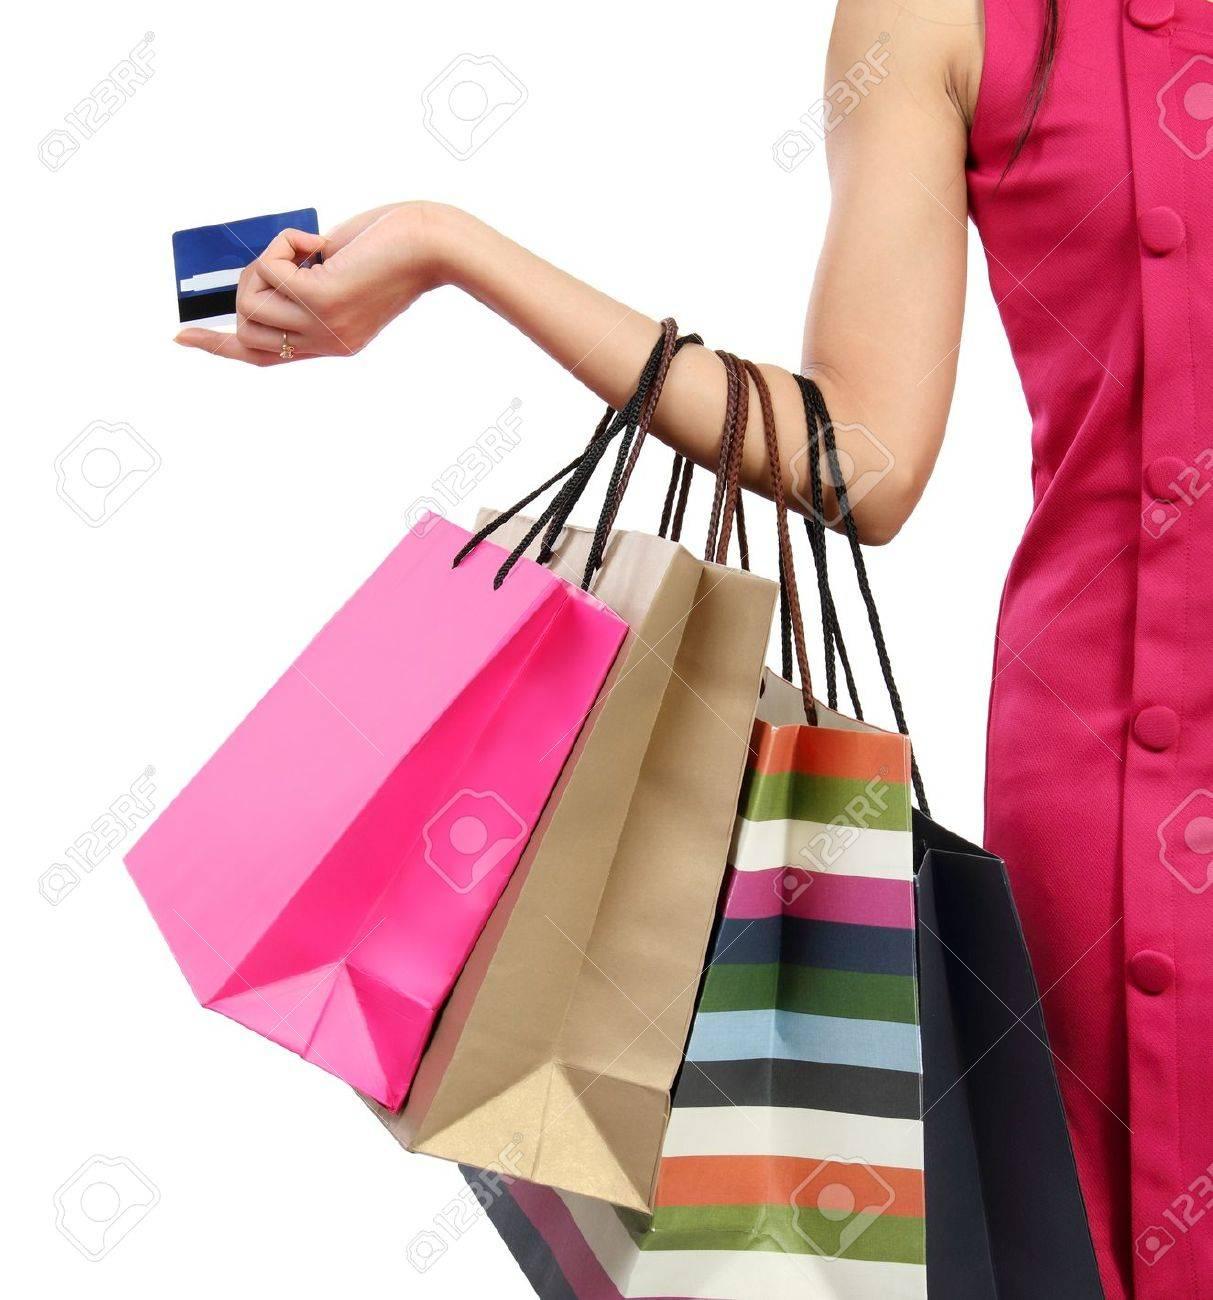 Cerca de mano de la mujer con bolsas de tiendas, comercios y tarjetas de crédito